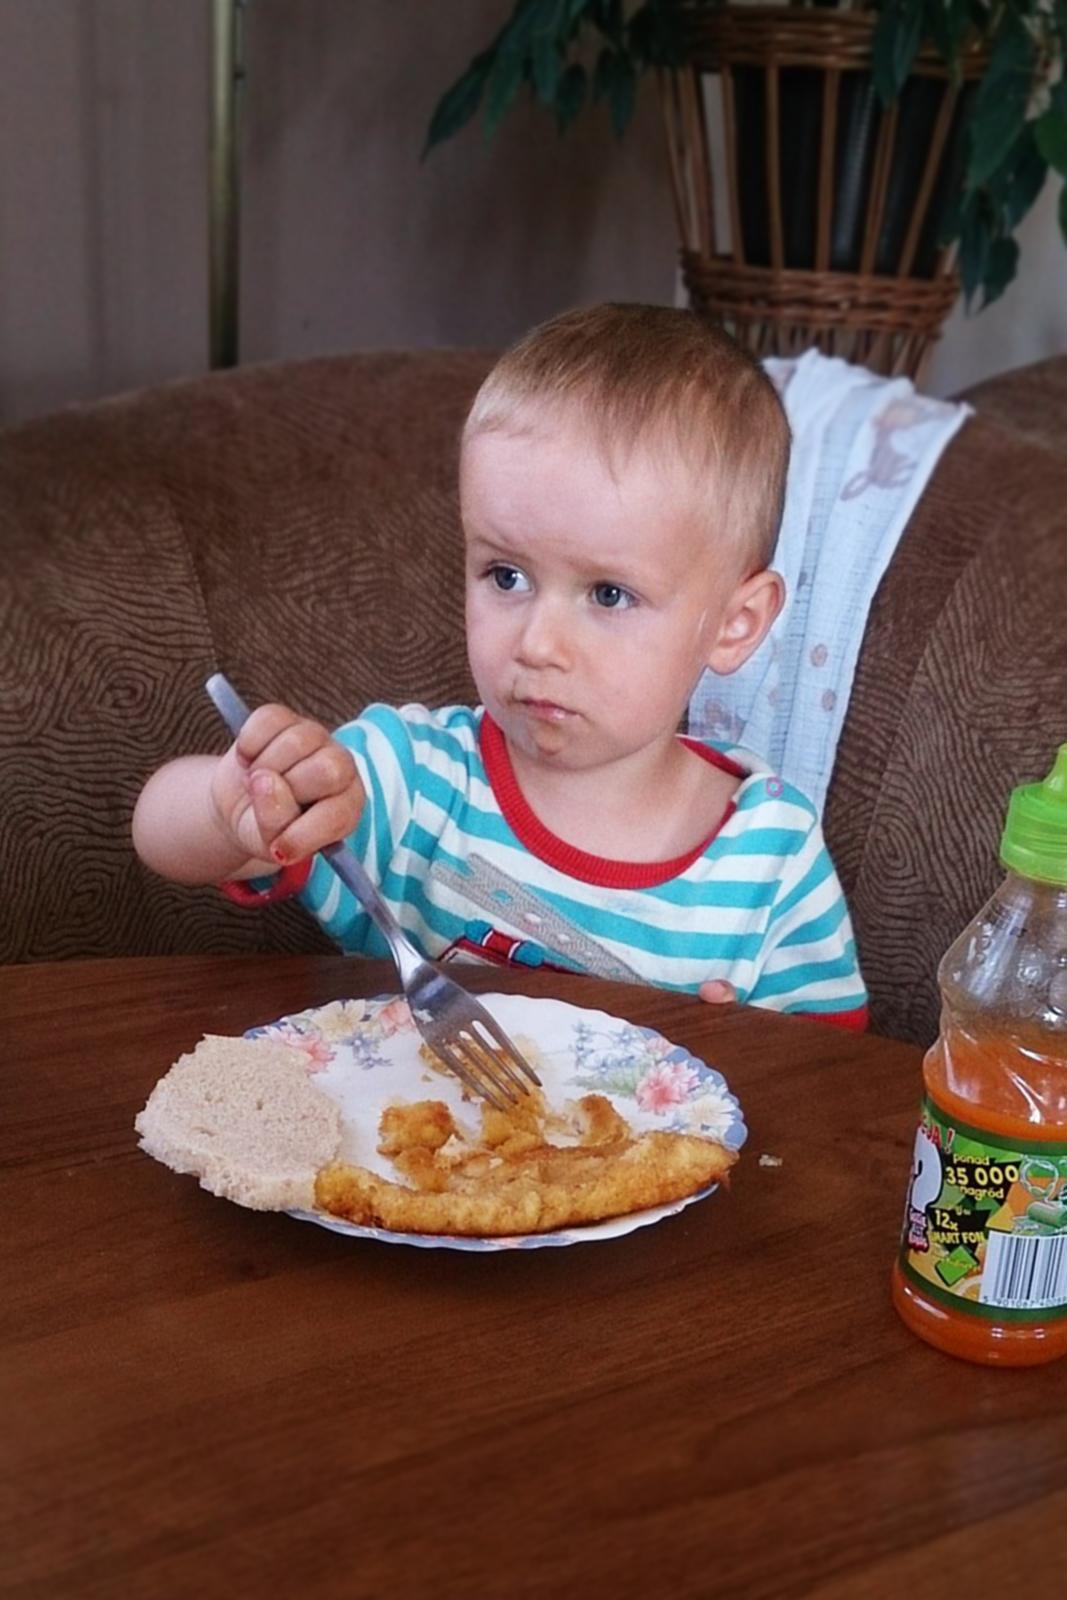 Fotografia przedstawia dziecko siedzące przy stole. Na widelec samodzielnie nabiera jedzenie ztalerza. Rozwija koordynację ruchów.